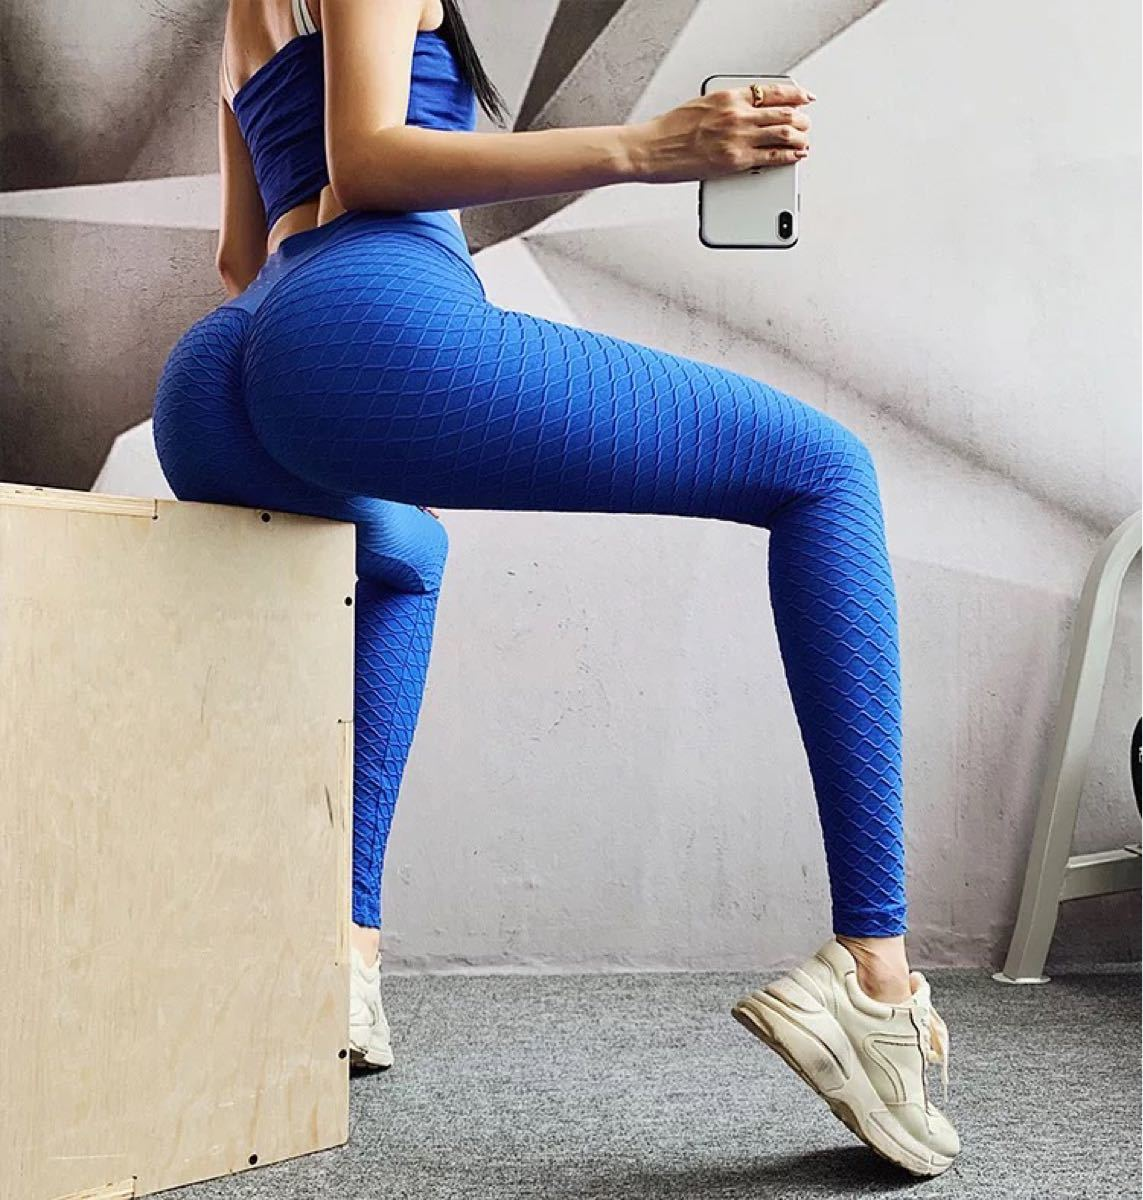 ヨガ トレーニング スポーツ ウェア レギンス スパッツ パンツ レディース M 美脚 ヨガウェア 美尻